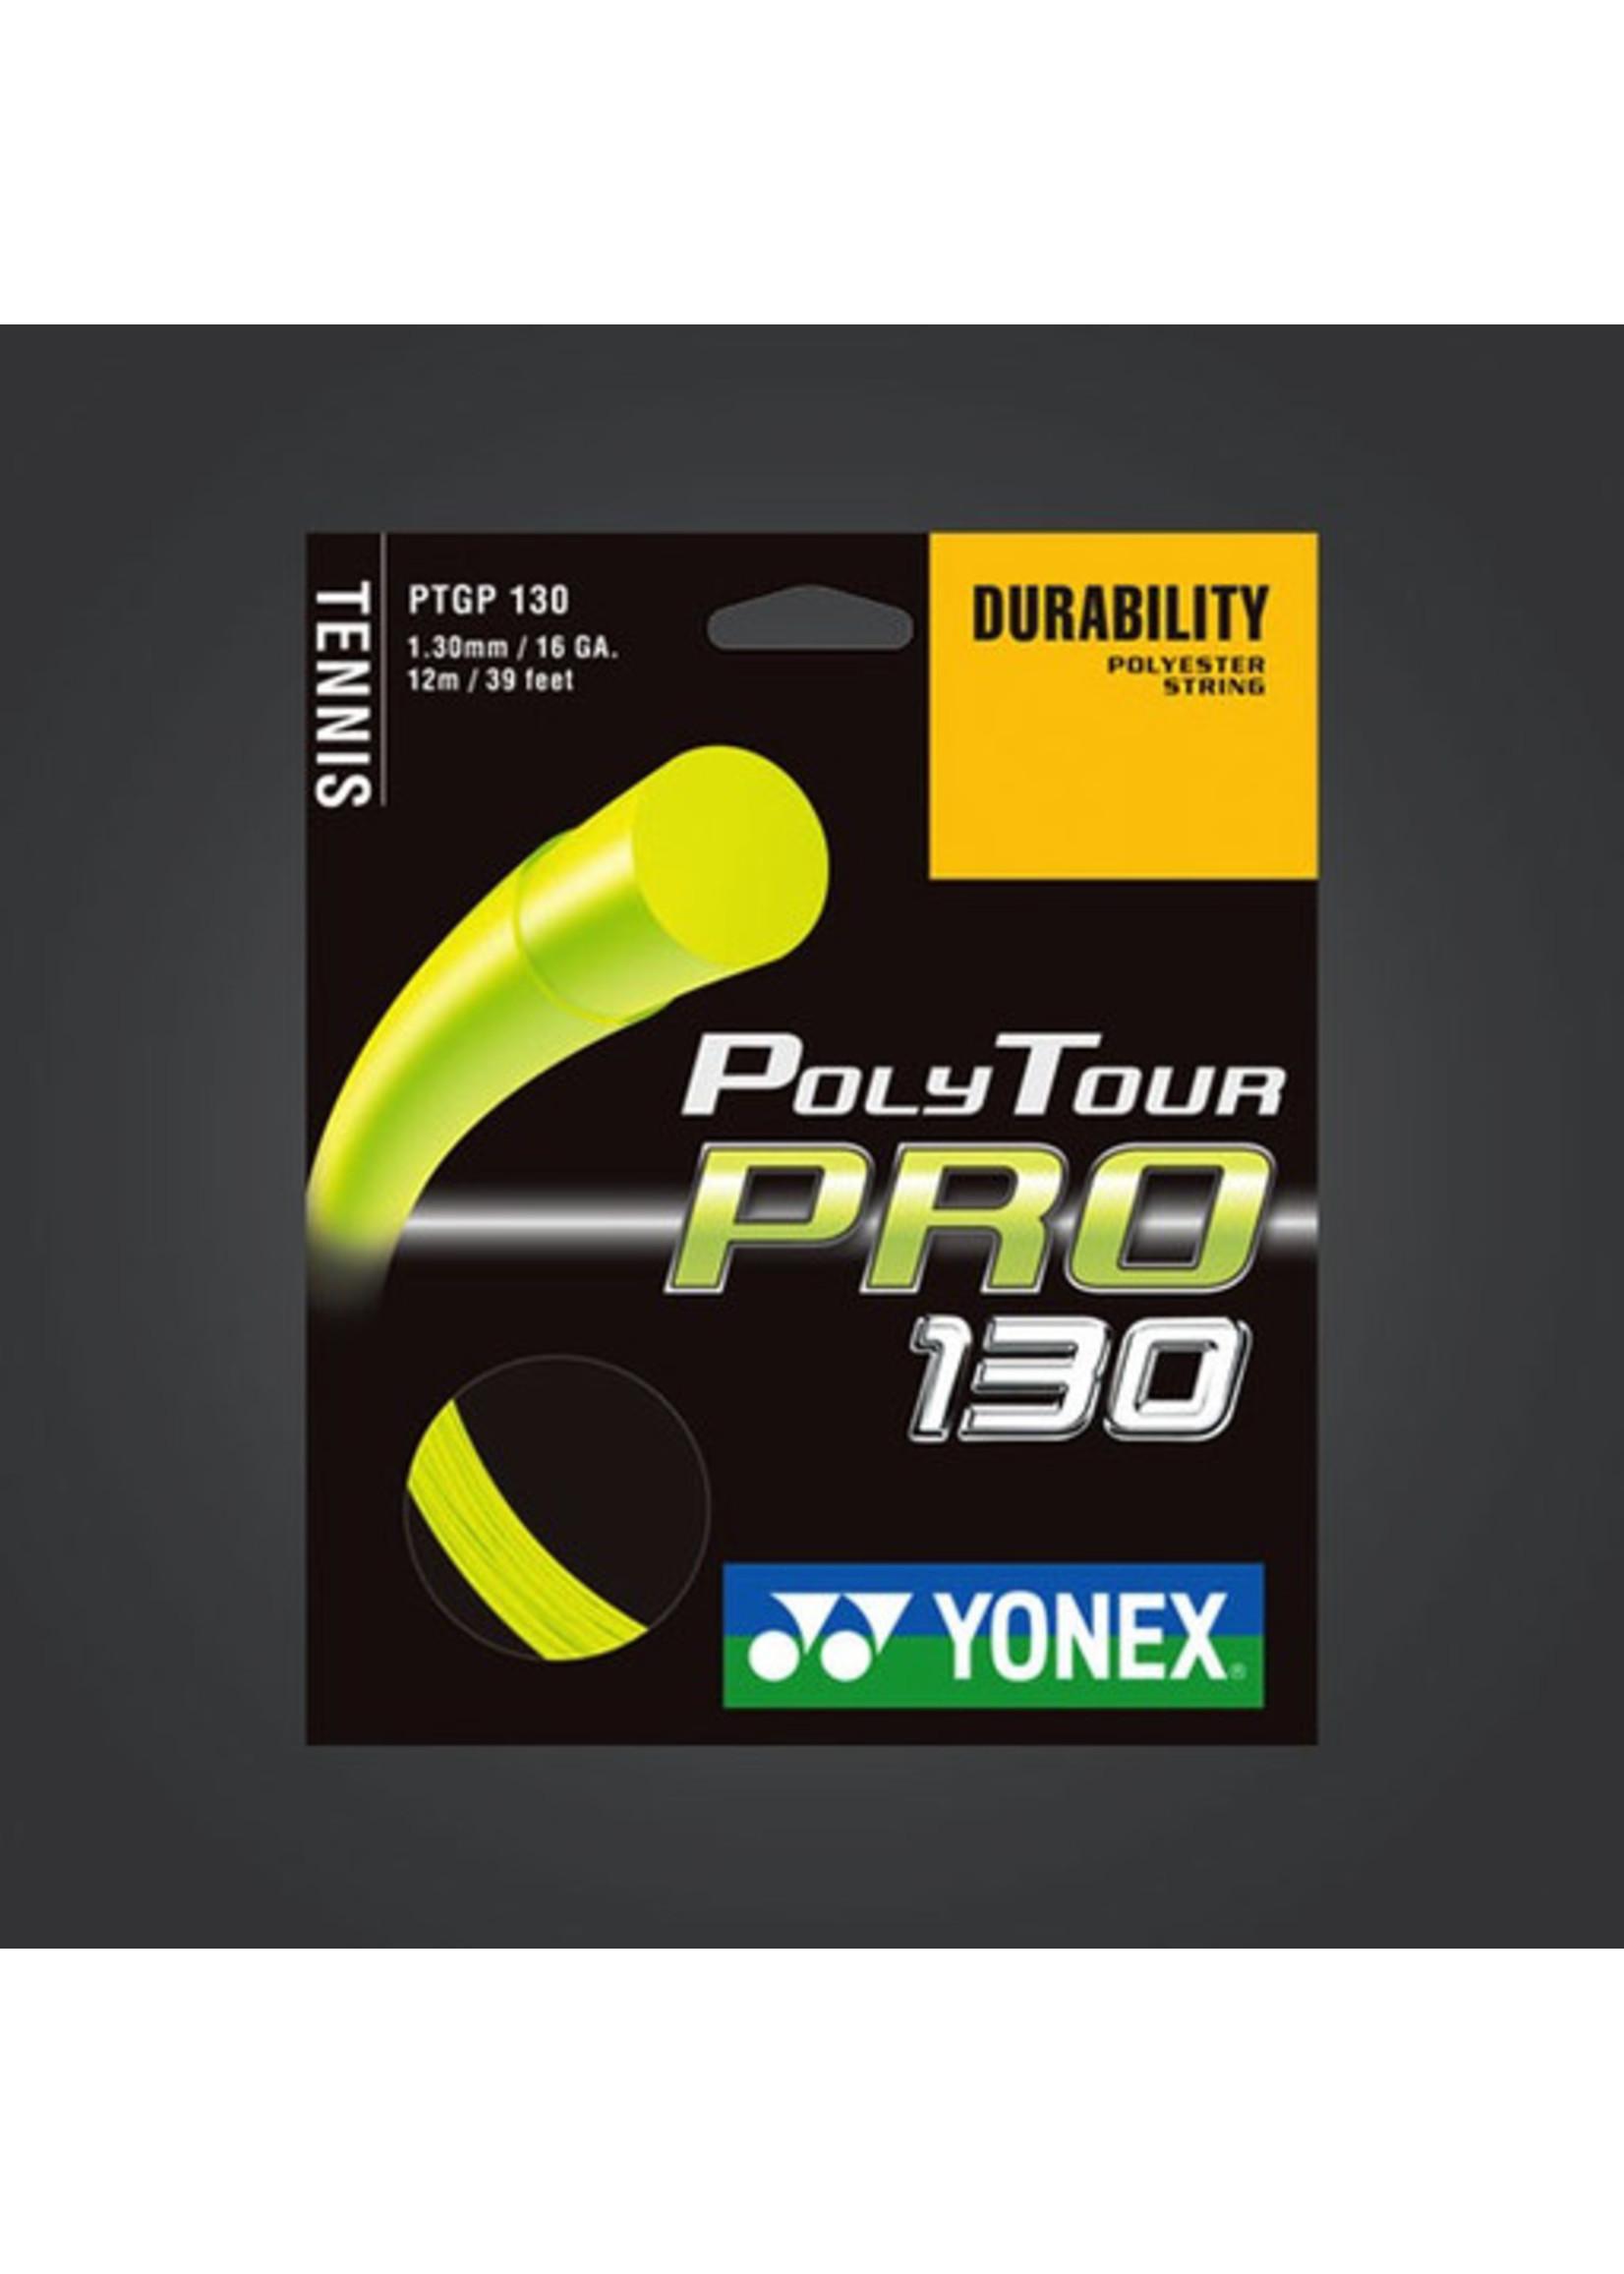 Yonex PolyTour Pro Restring